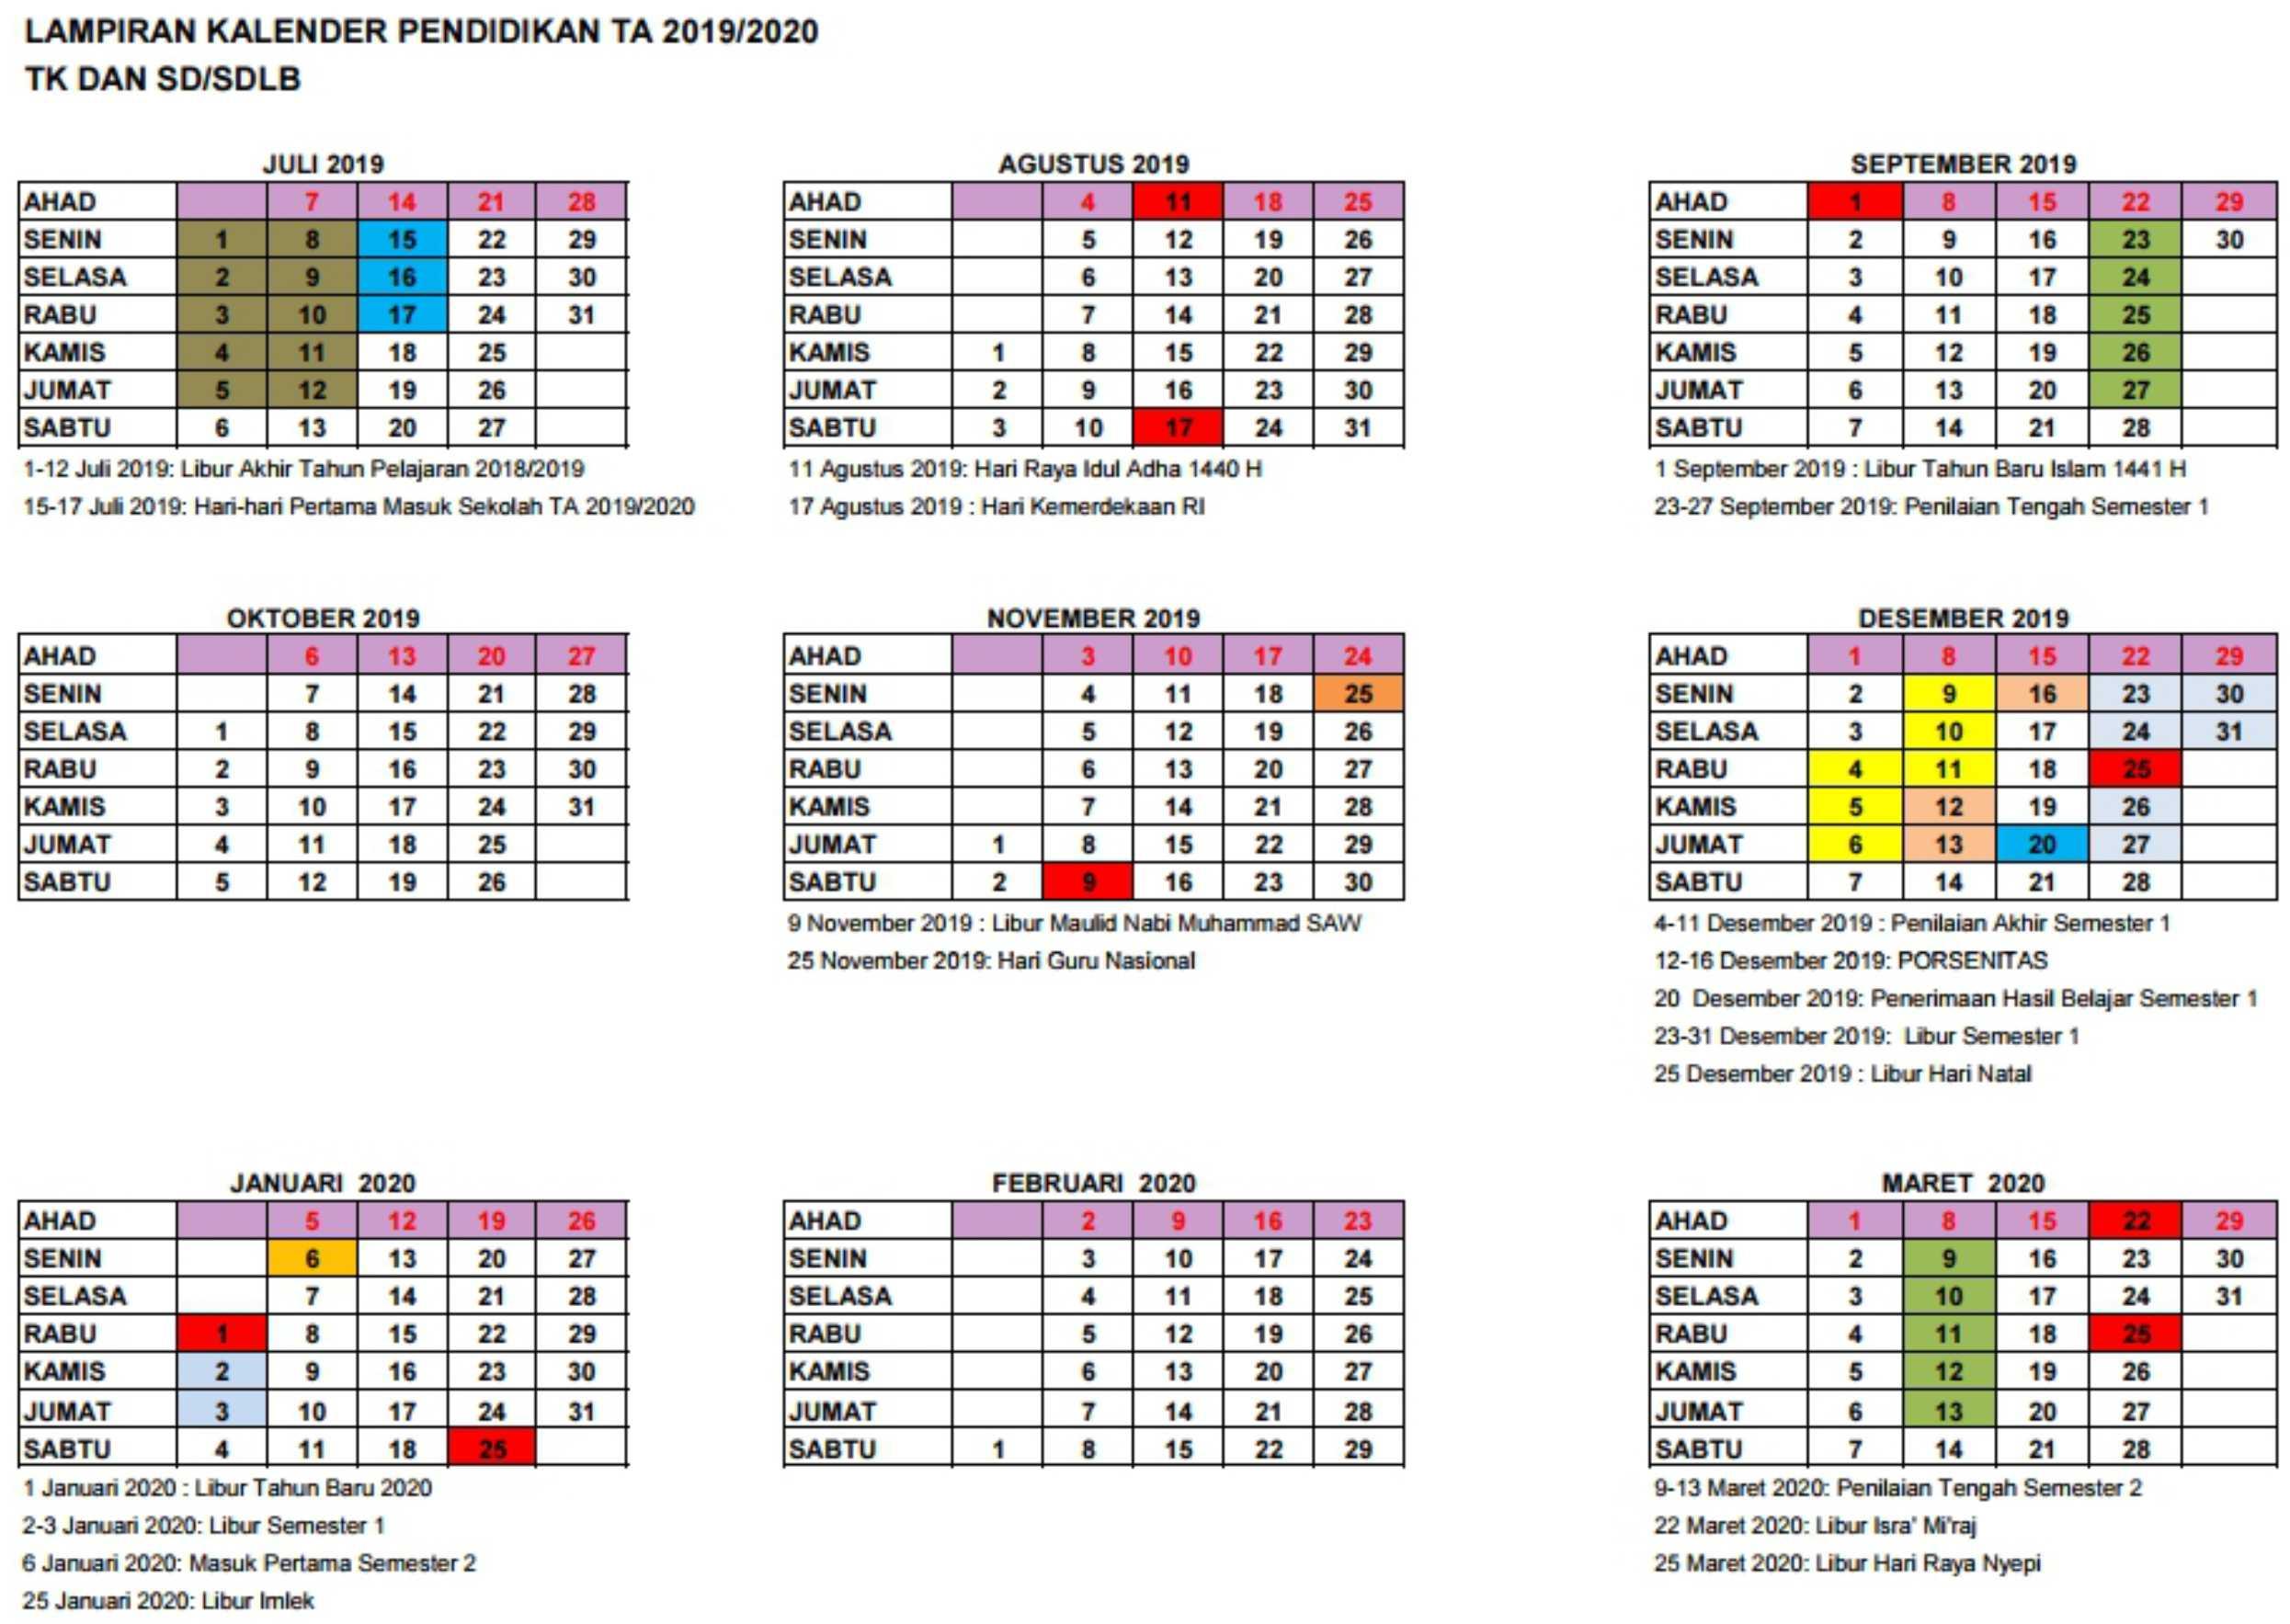 lampiran kalender pendidikan tahun ajaran 2019-2020 TK SD SDLB DI yogyakarta